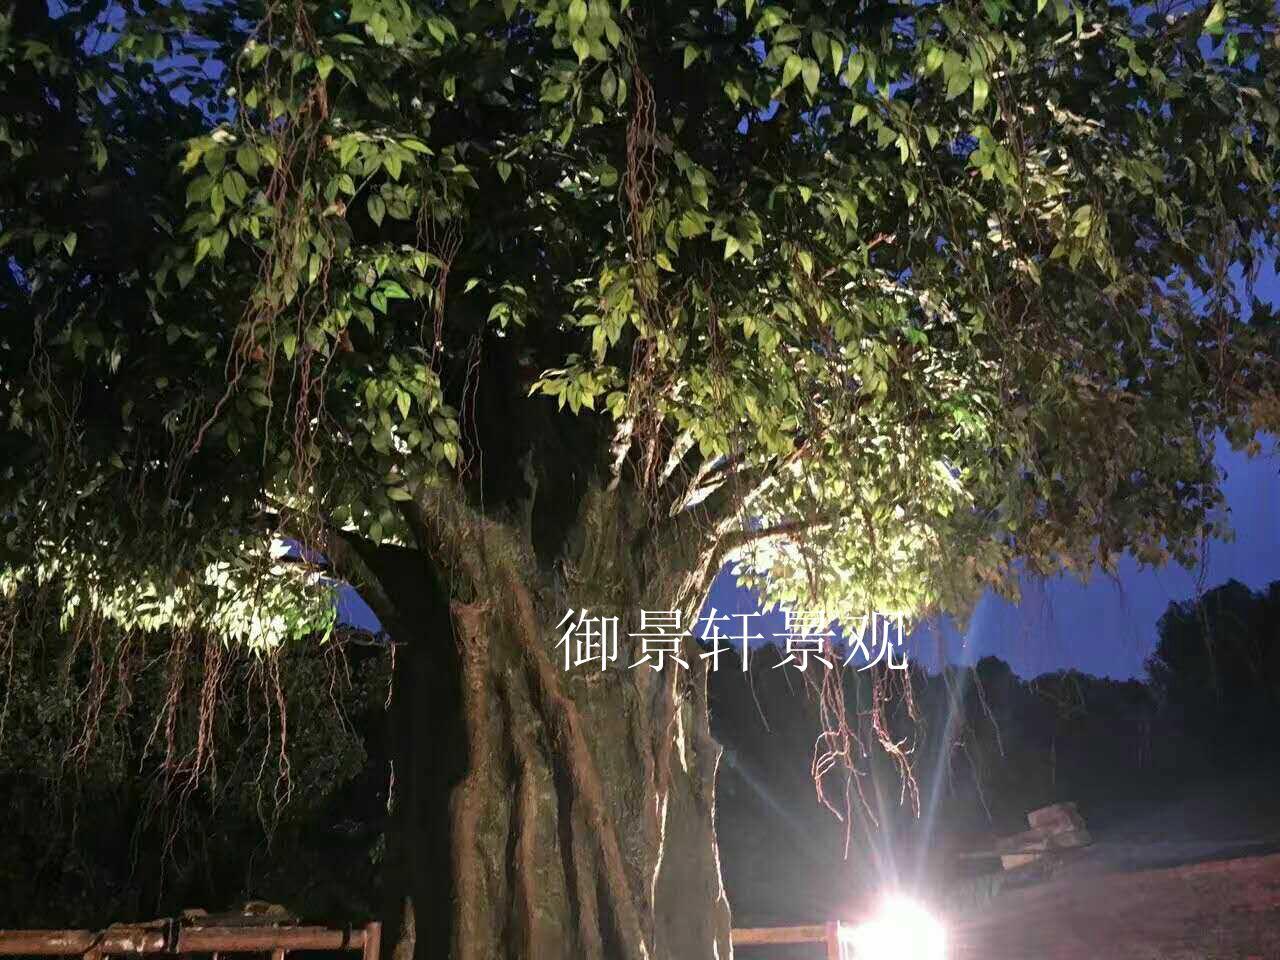 大型榕树仿真